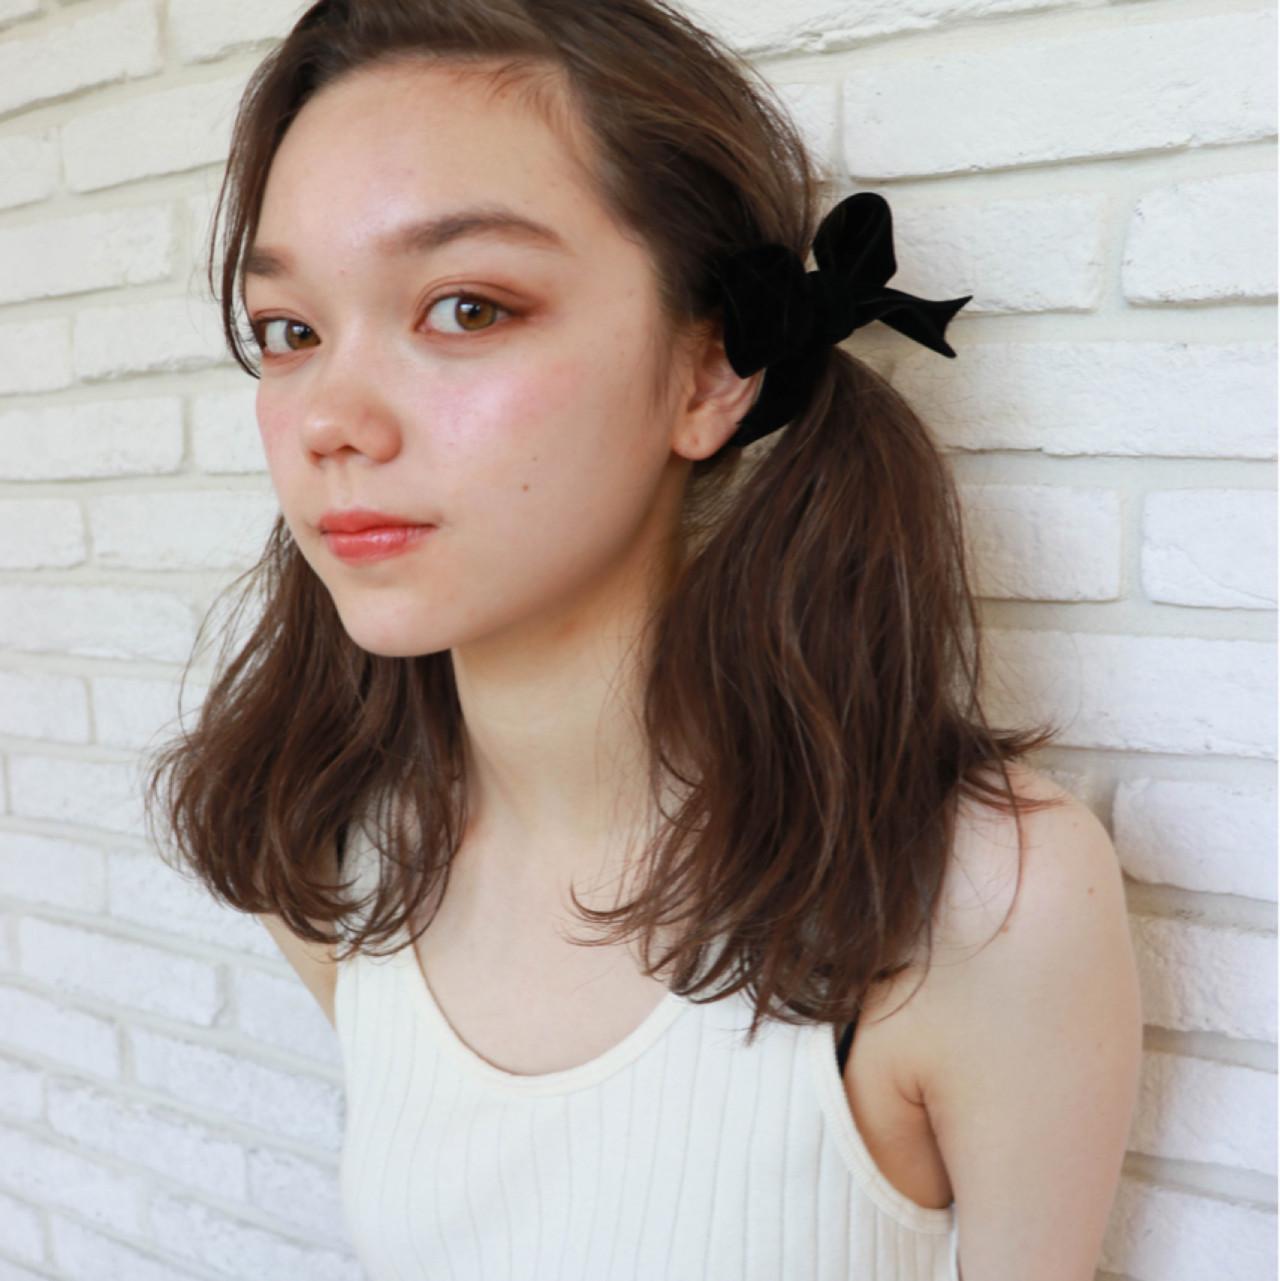 デート 女子会 リラックス ツインテール ヘアスタイルや髪型の写真・画像